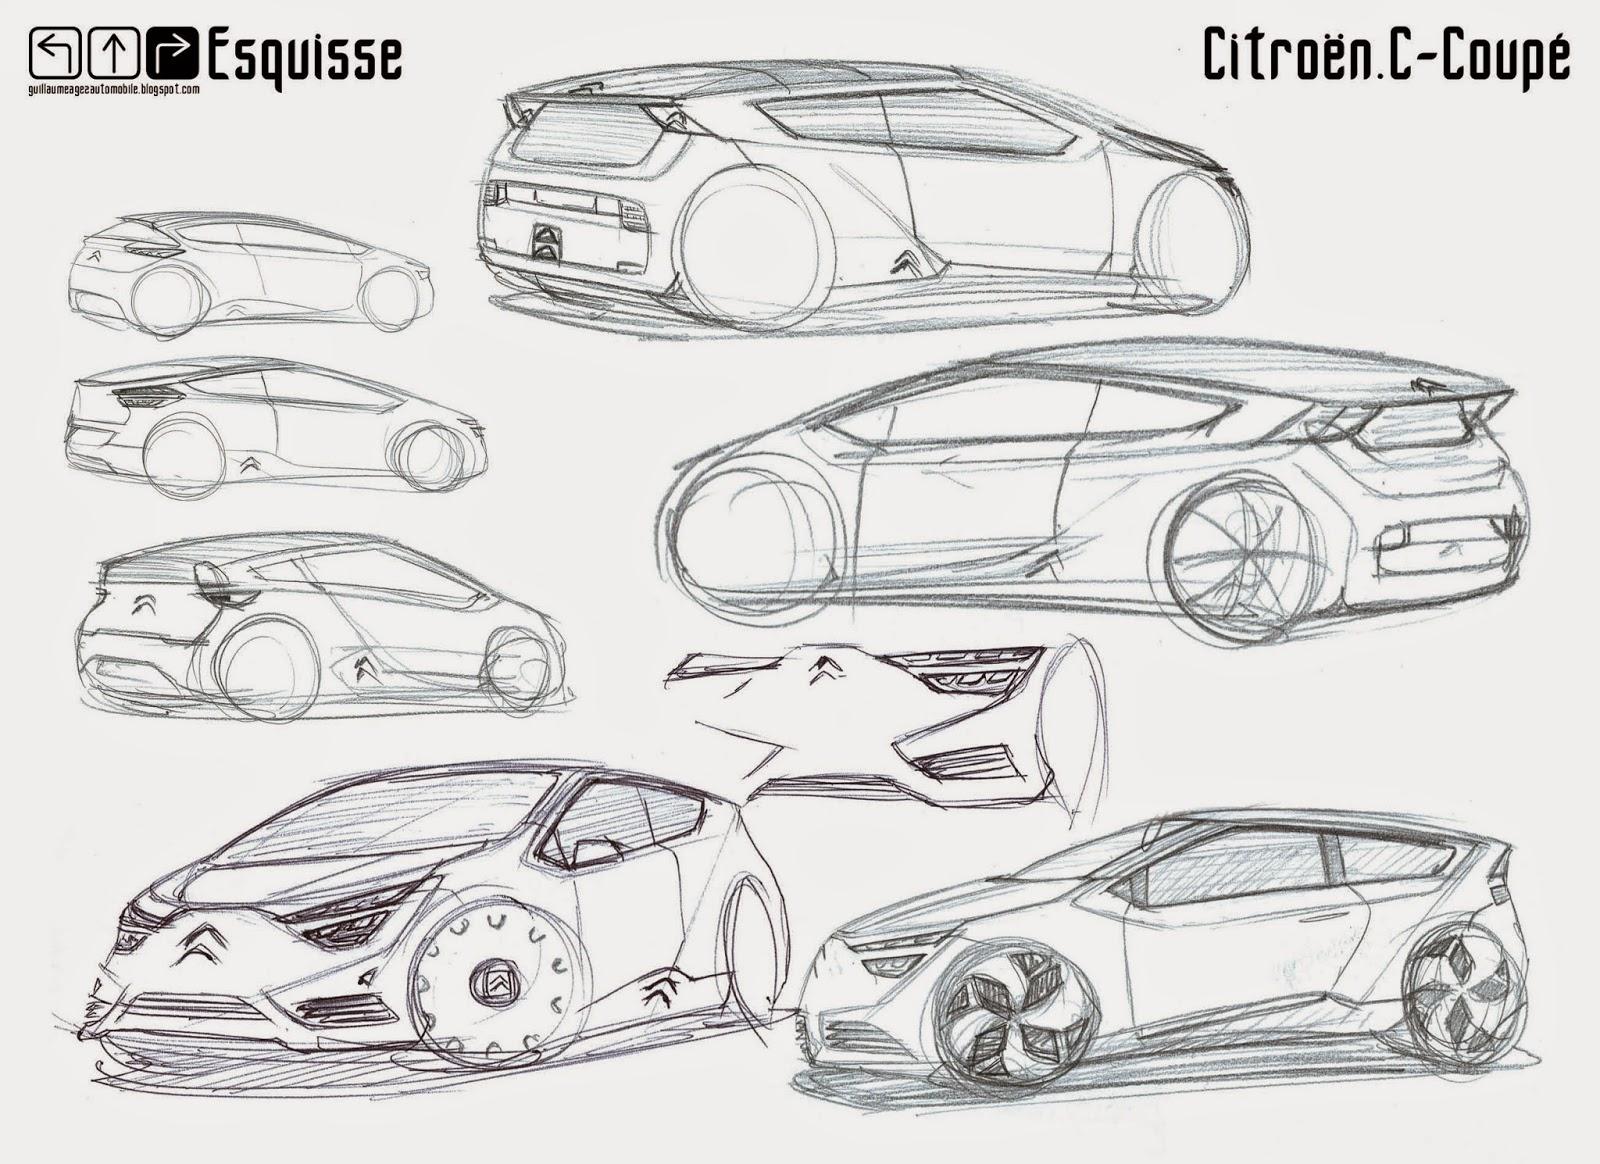 Guillaume AGEZ Automobile: Esquisse : Citroën C-Coupé